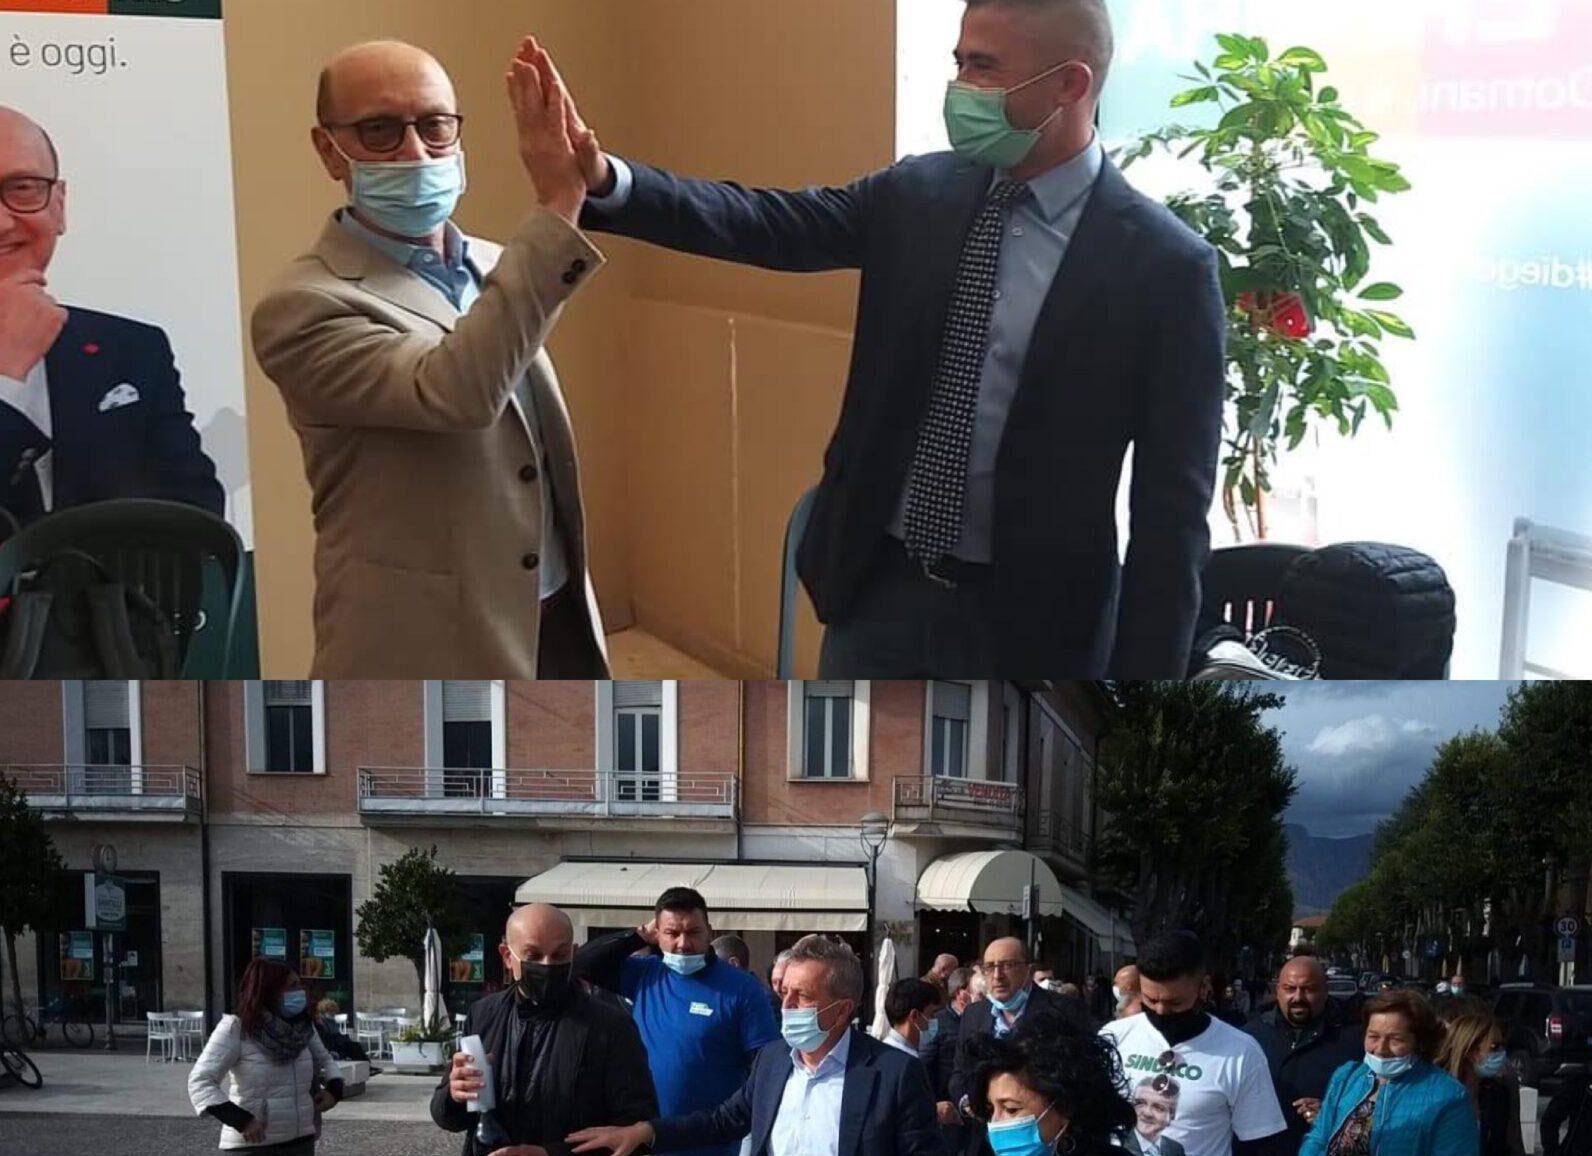 Sedile Imponente E Severo.Abruzzo Ballottaggi A Chieti Ed Avezzano Vince Il Centrosinistra Battuti I Candidati Della Lega Wallnews24